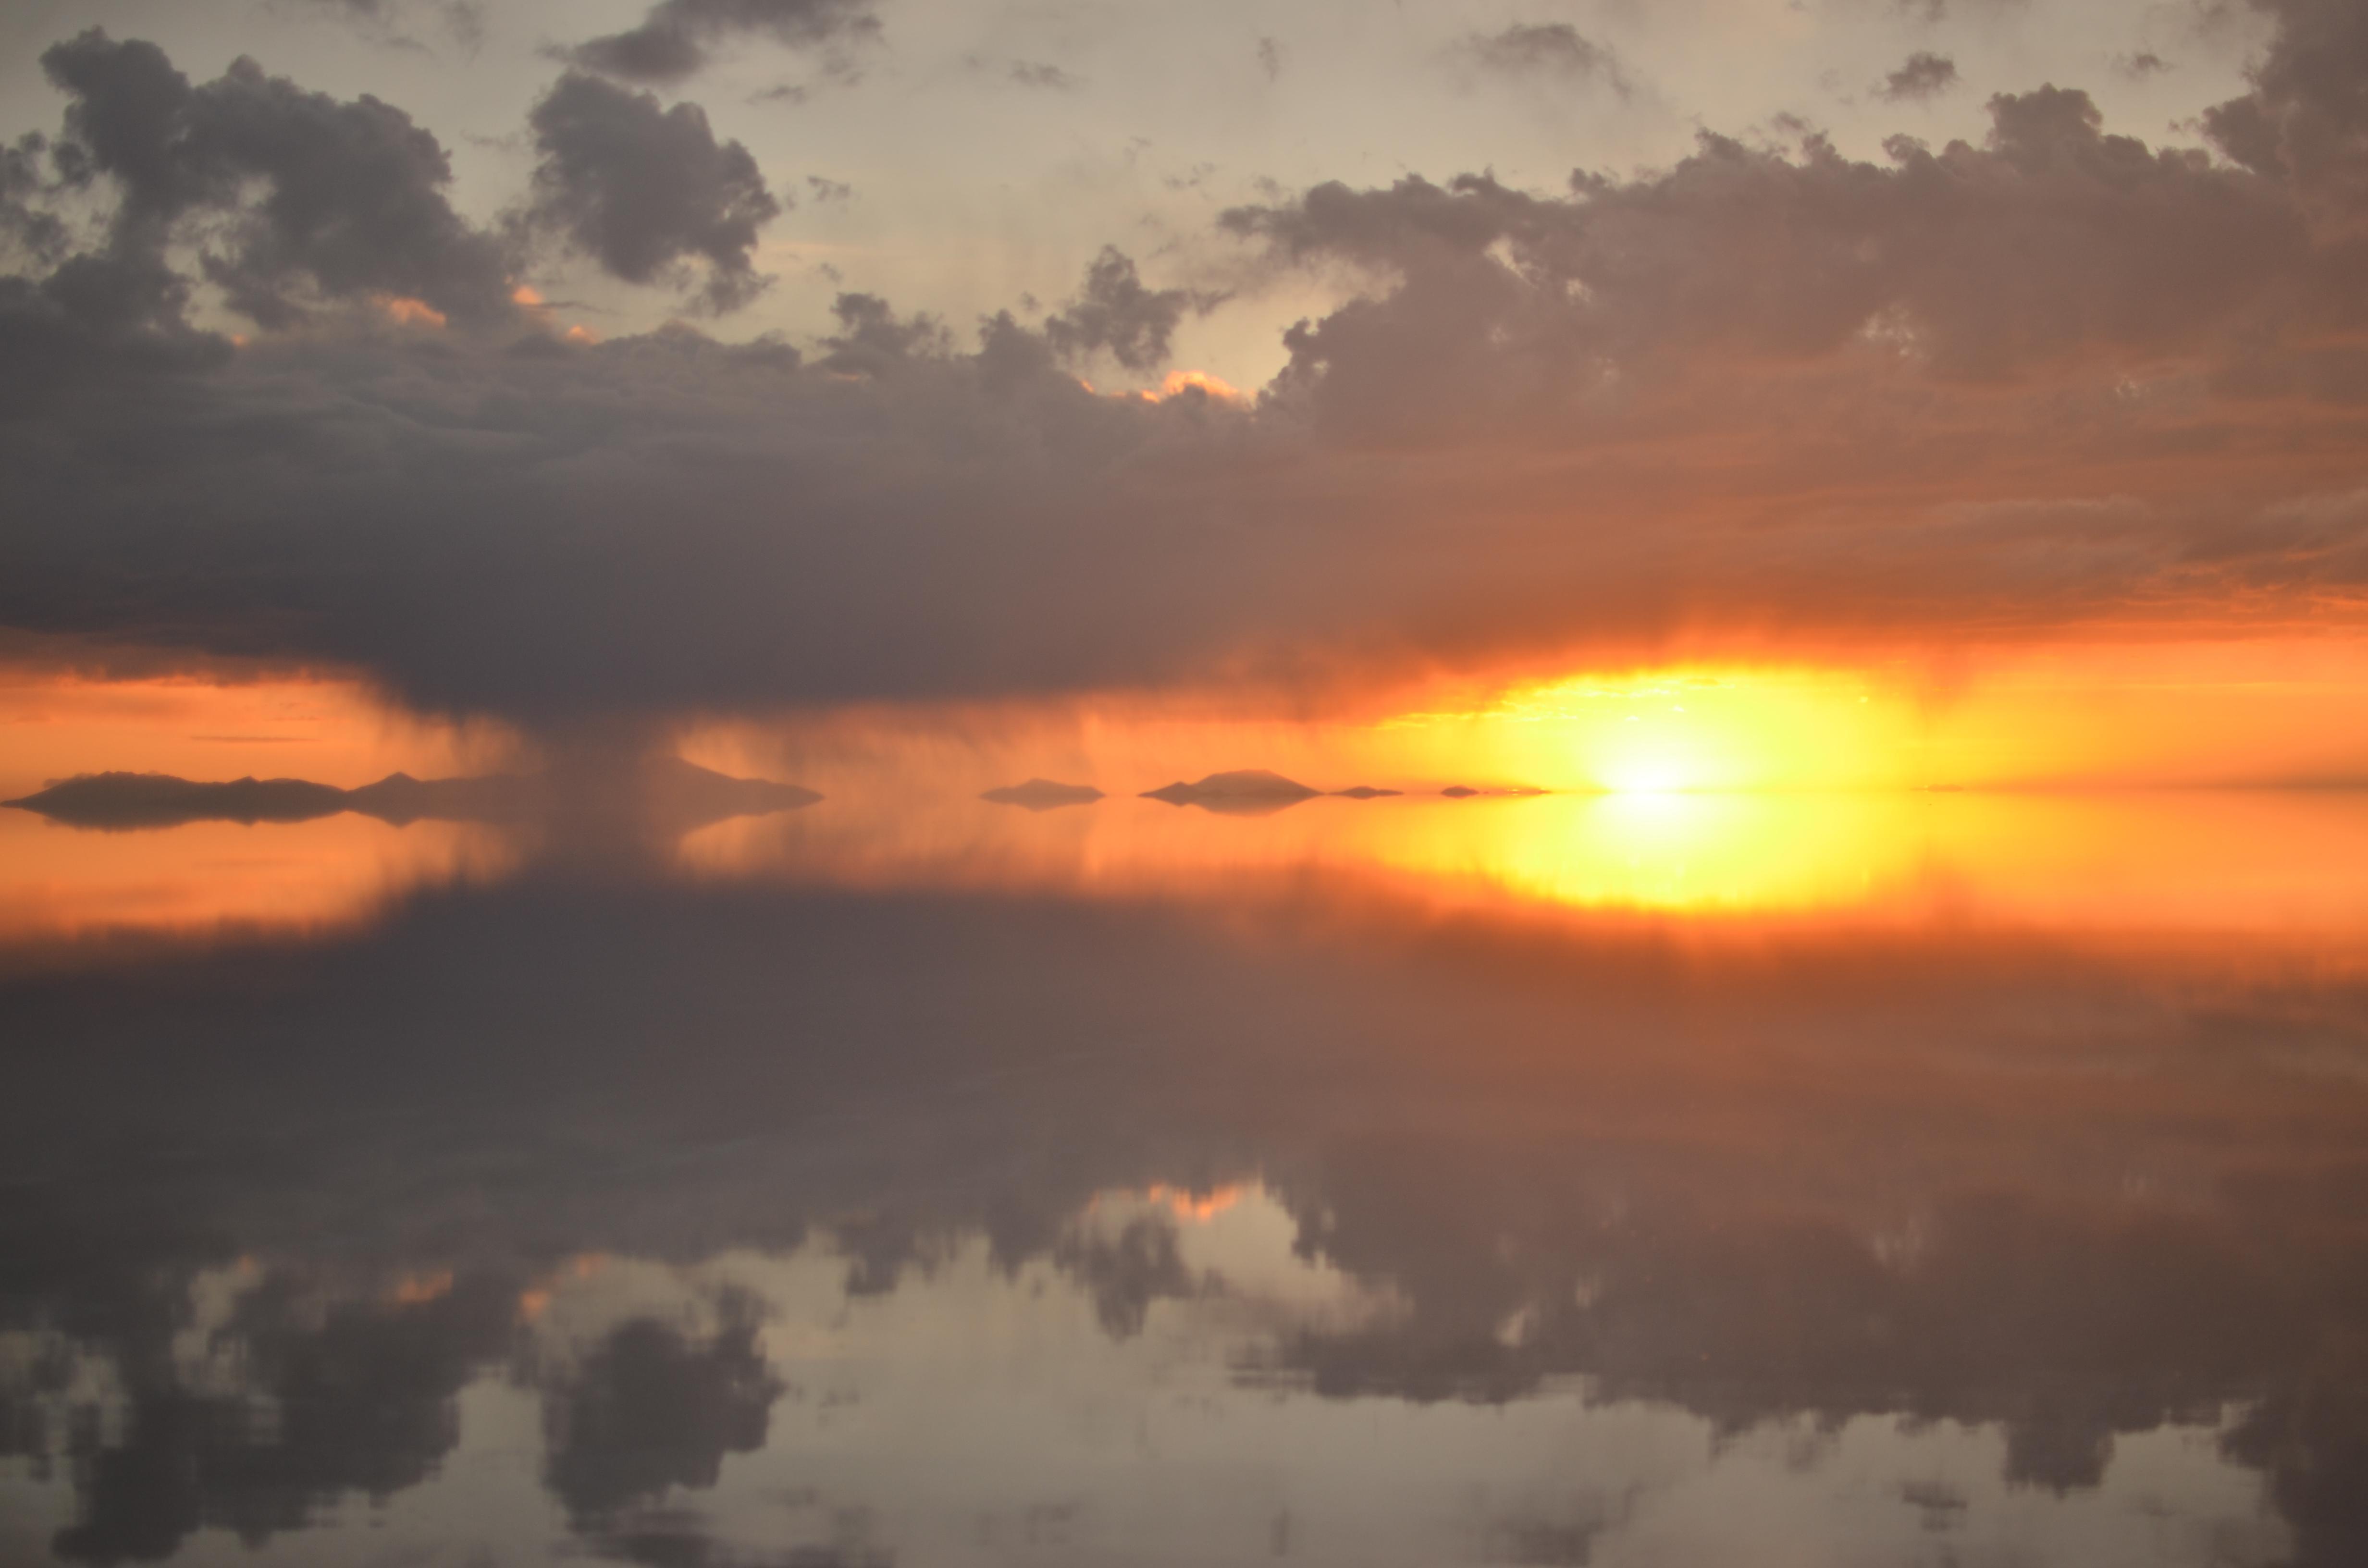 夕日の光とウユニ塩湖遺跡の壁紙